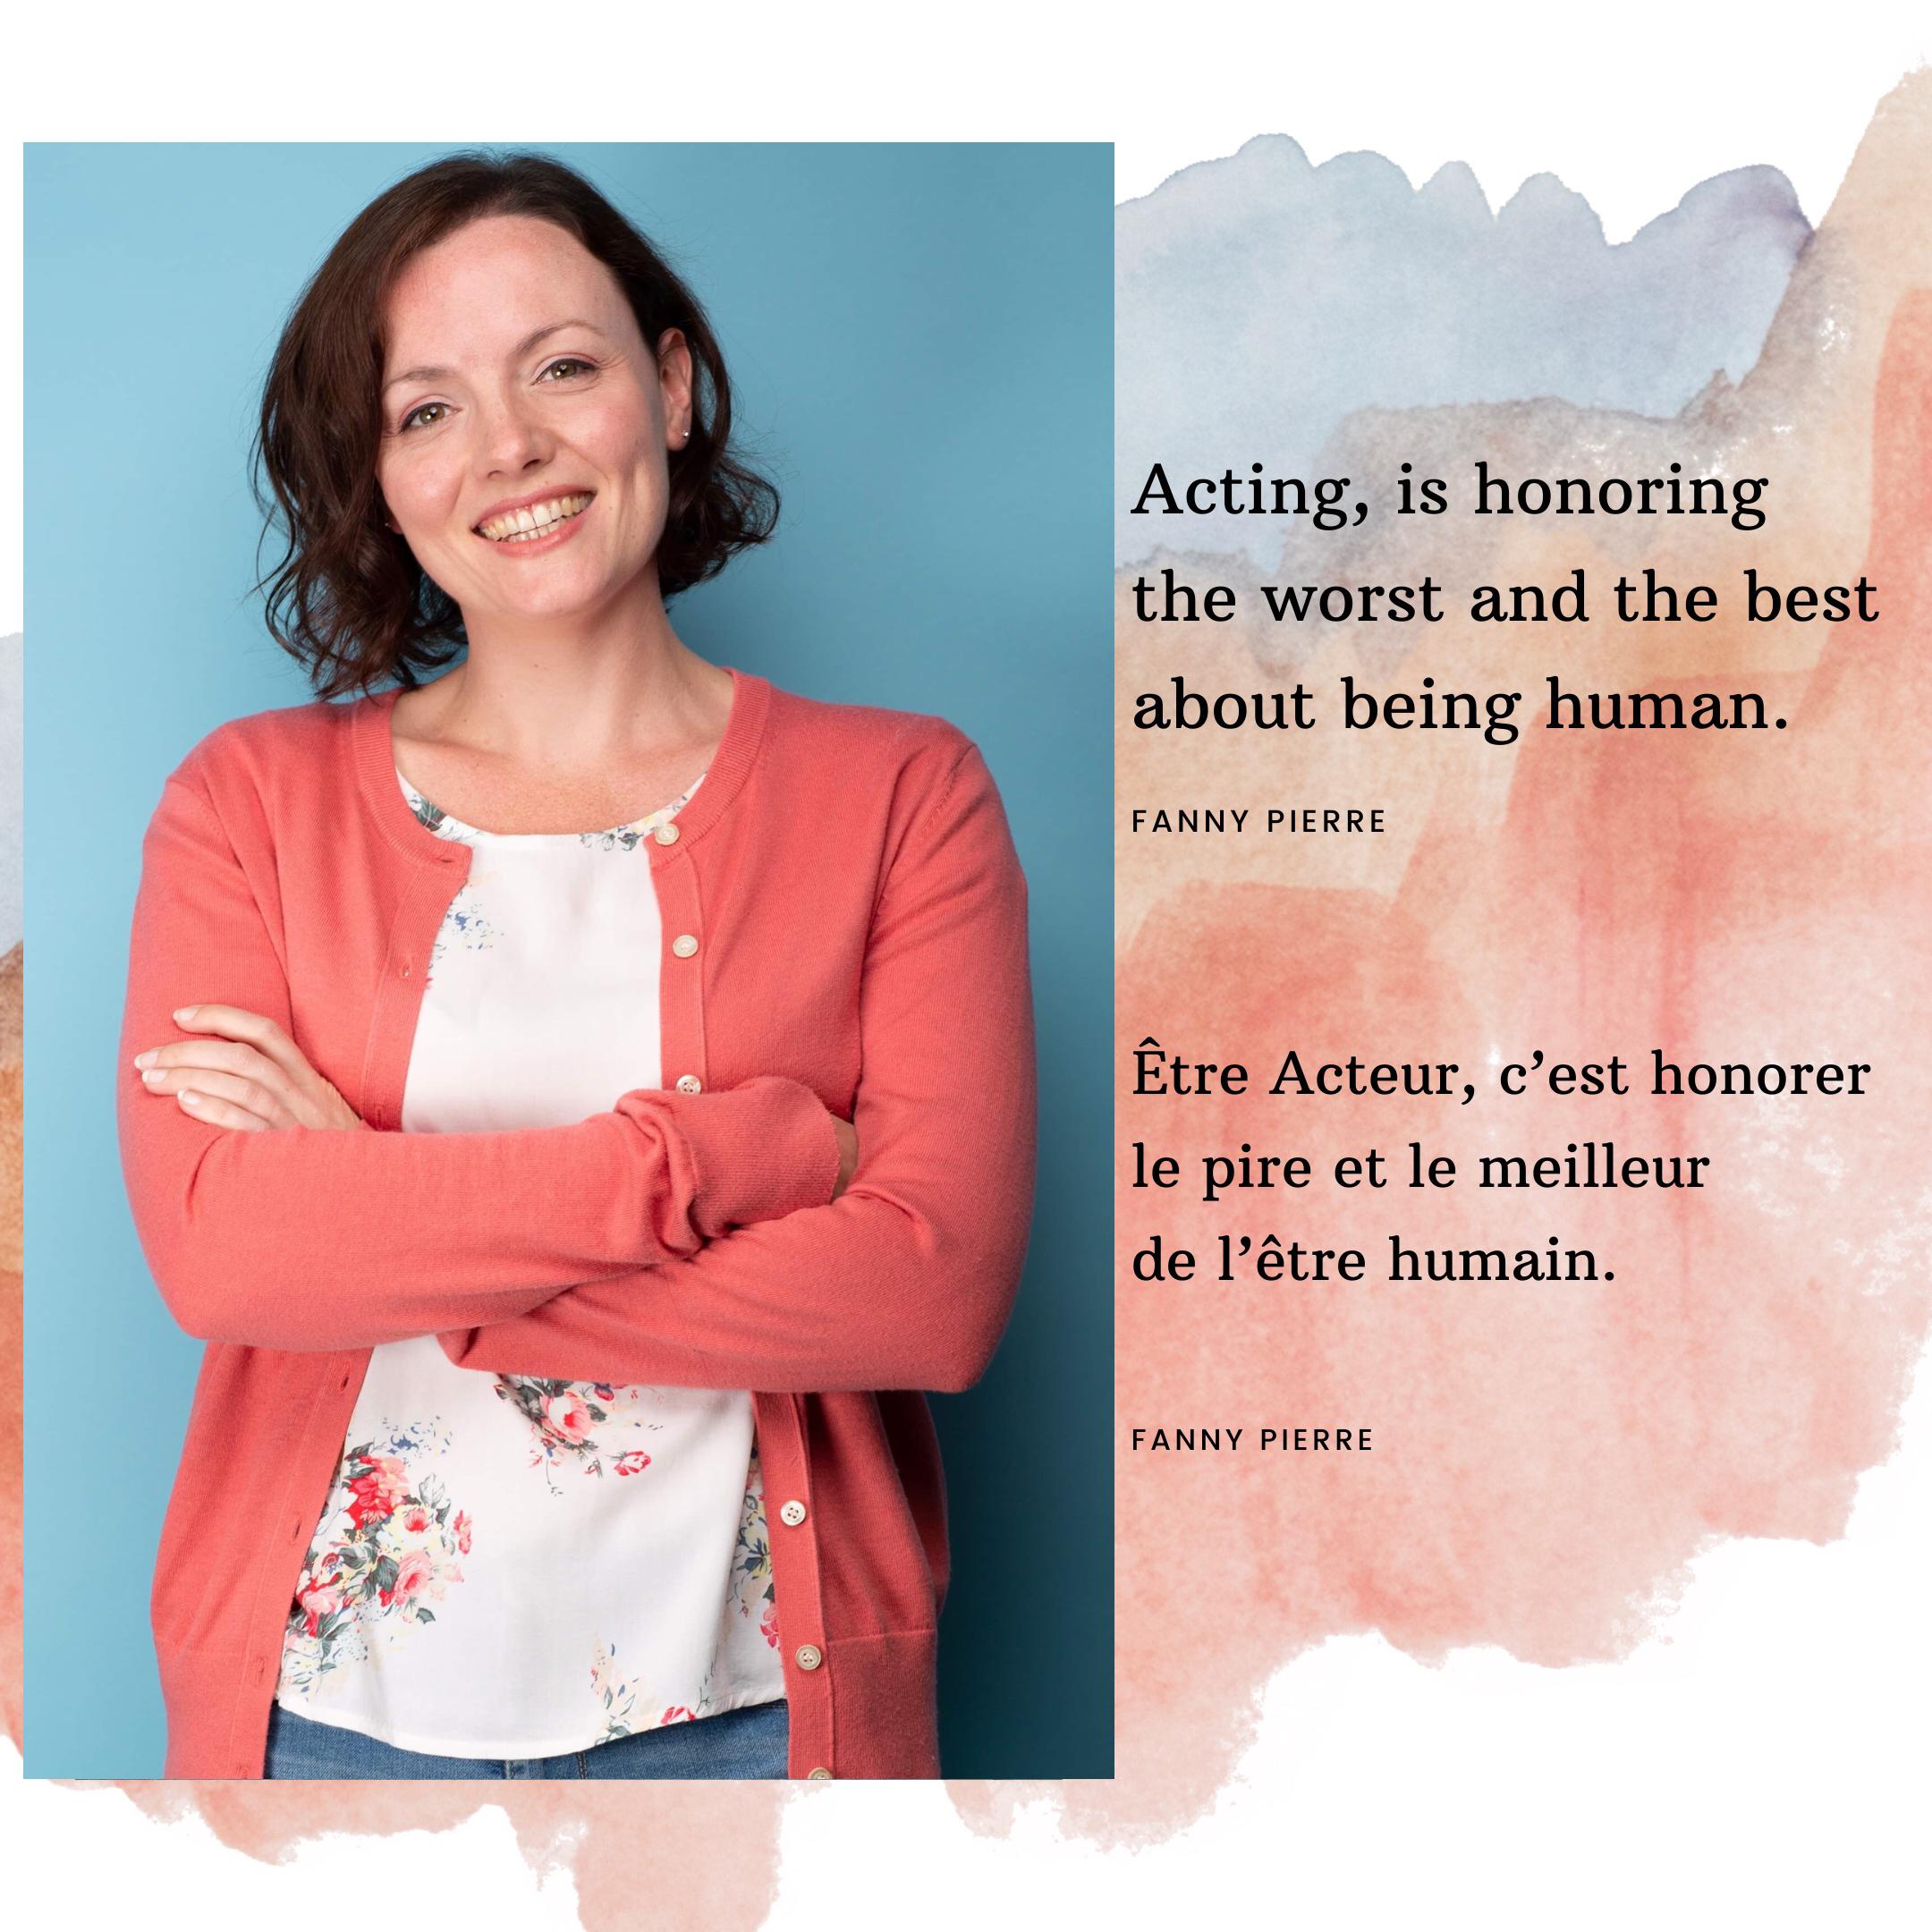 Etre Acteur, c'est honorer le pire et le meilleur de l'être humain. Fanny Pierre. Actrice à Hollywood.